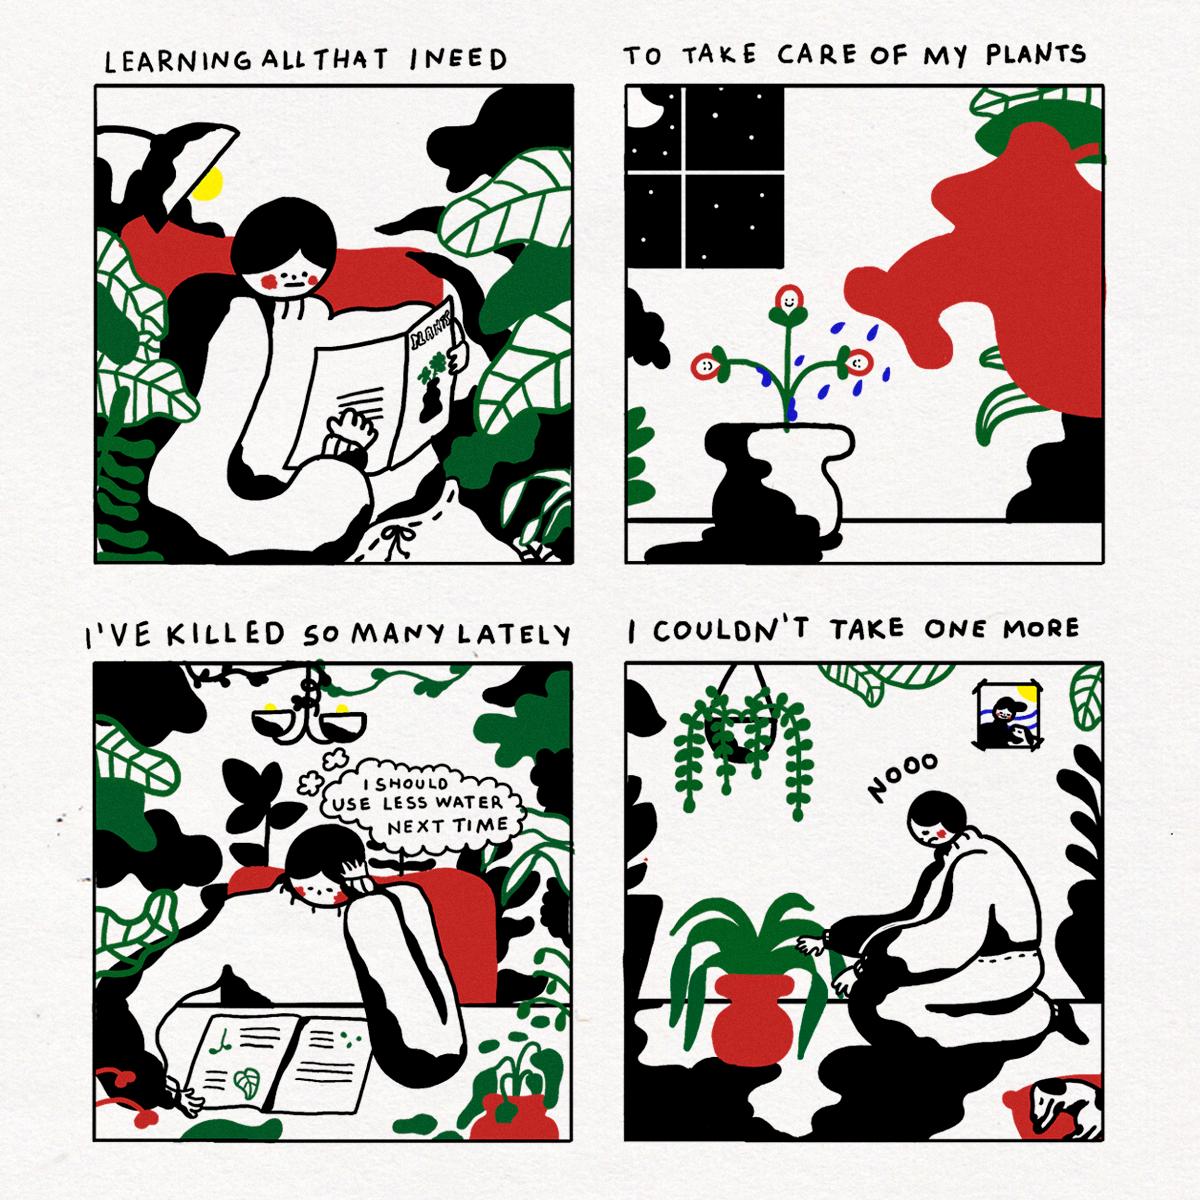 Cuidando plantas 2 - Page 1